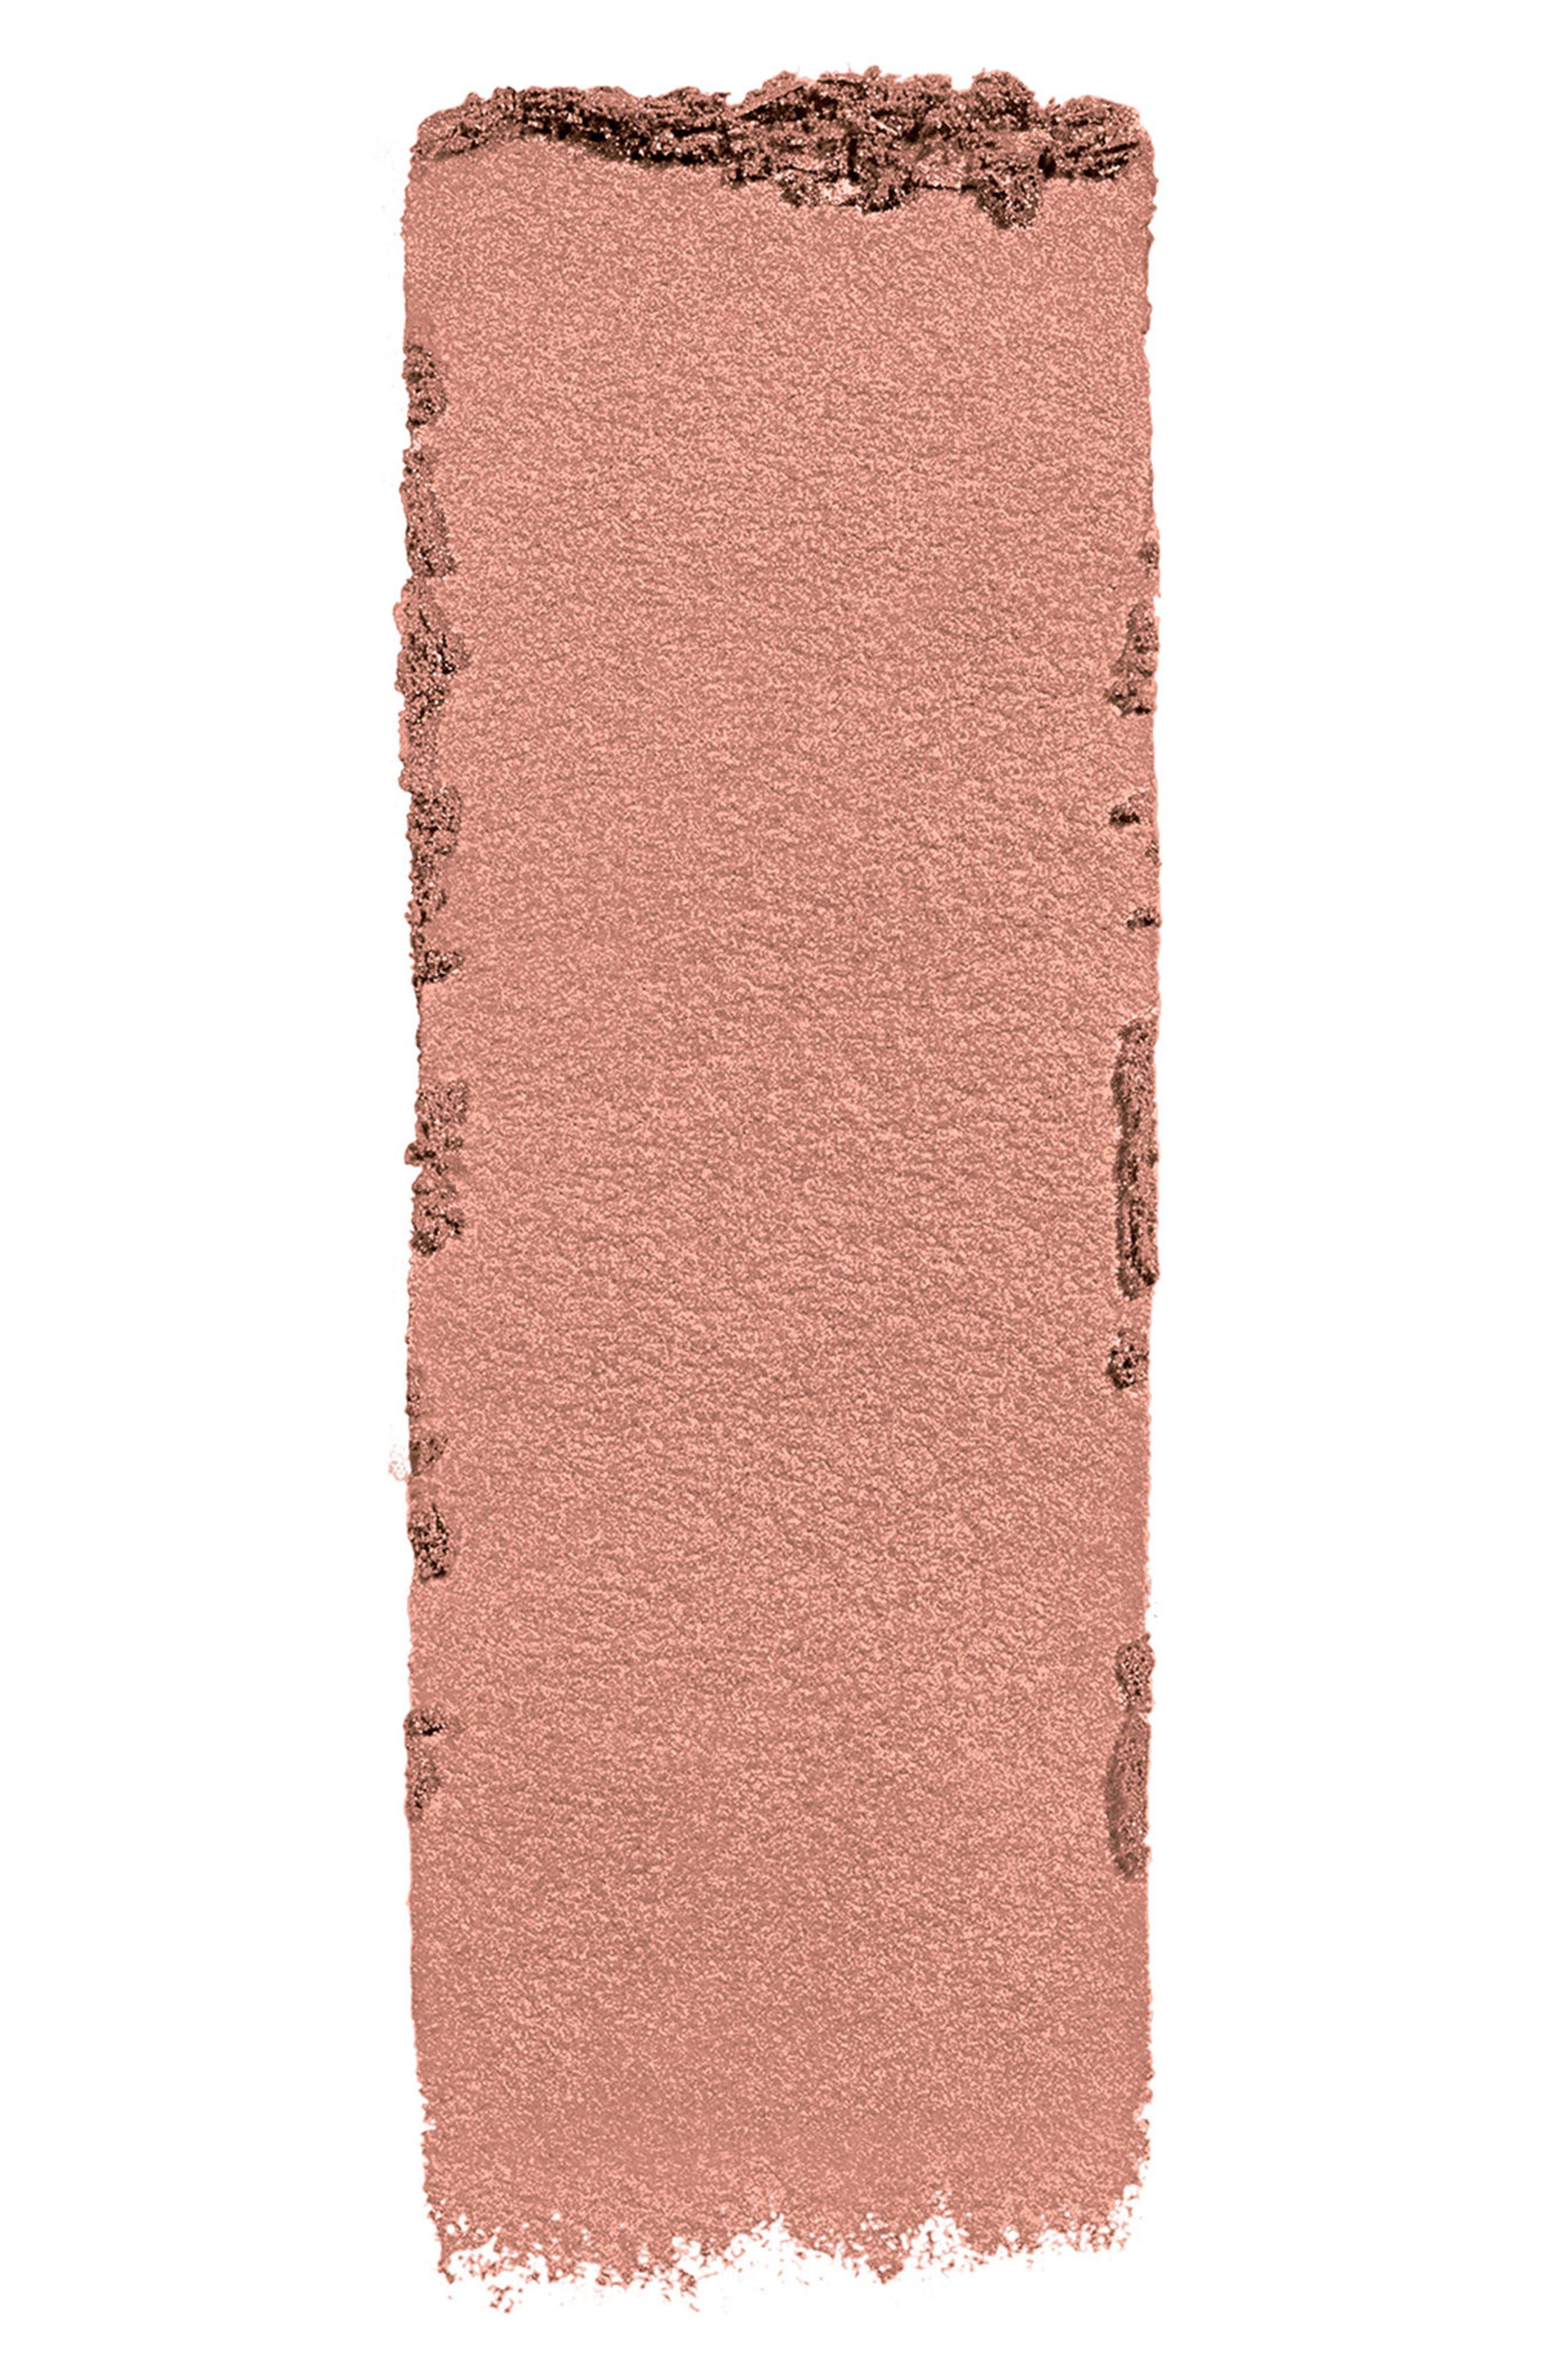 Highlighting Powder,                             Alternate thumbnail 2, color,                             MALDIVES